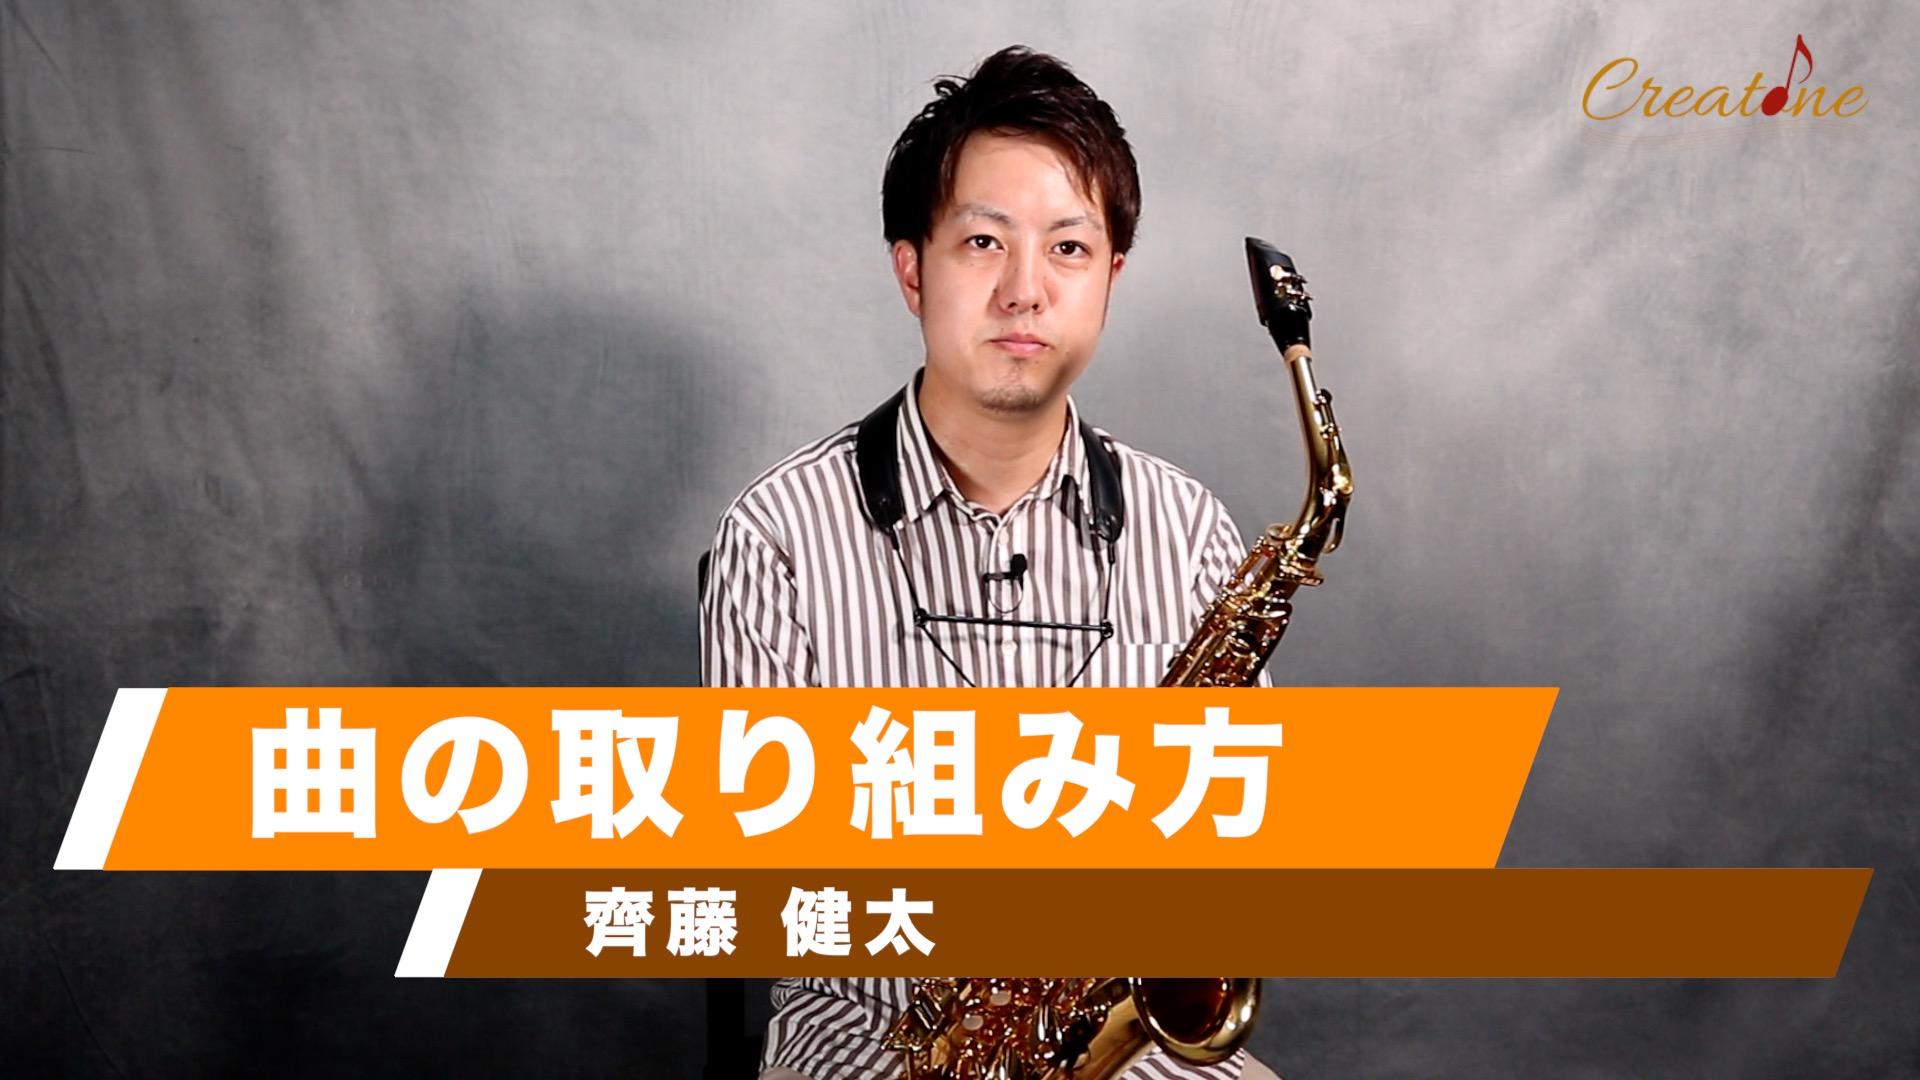 齊藤健太19 曲の取り組み方 サムネ